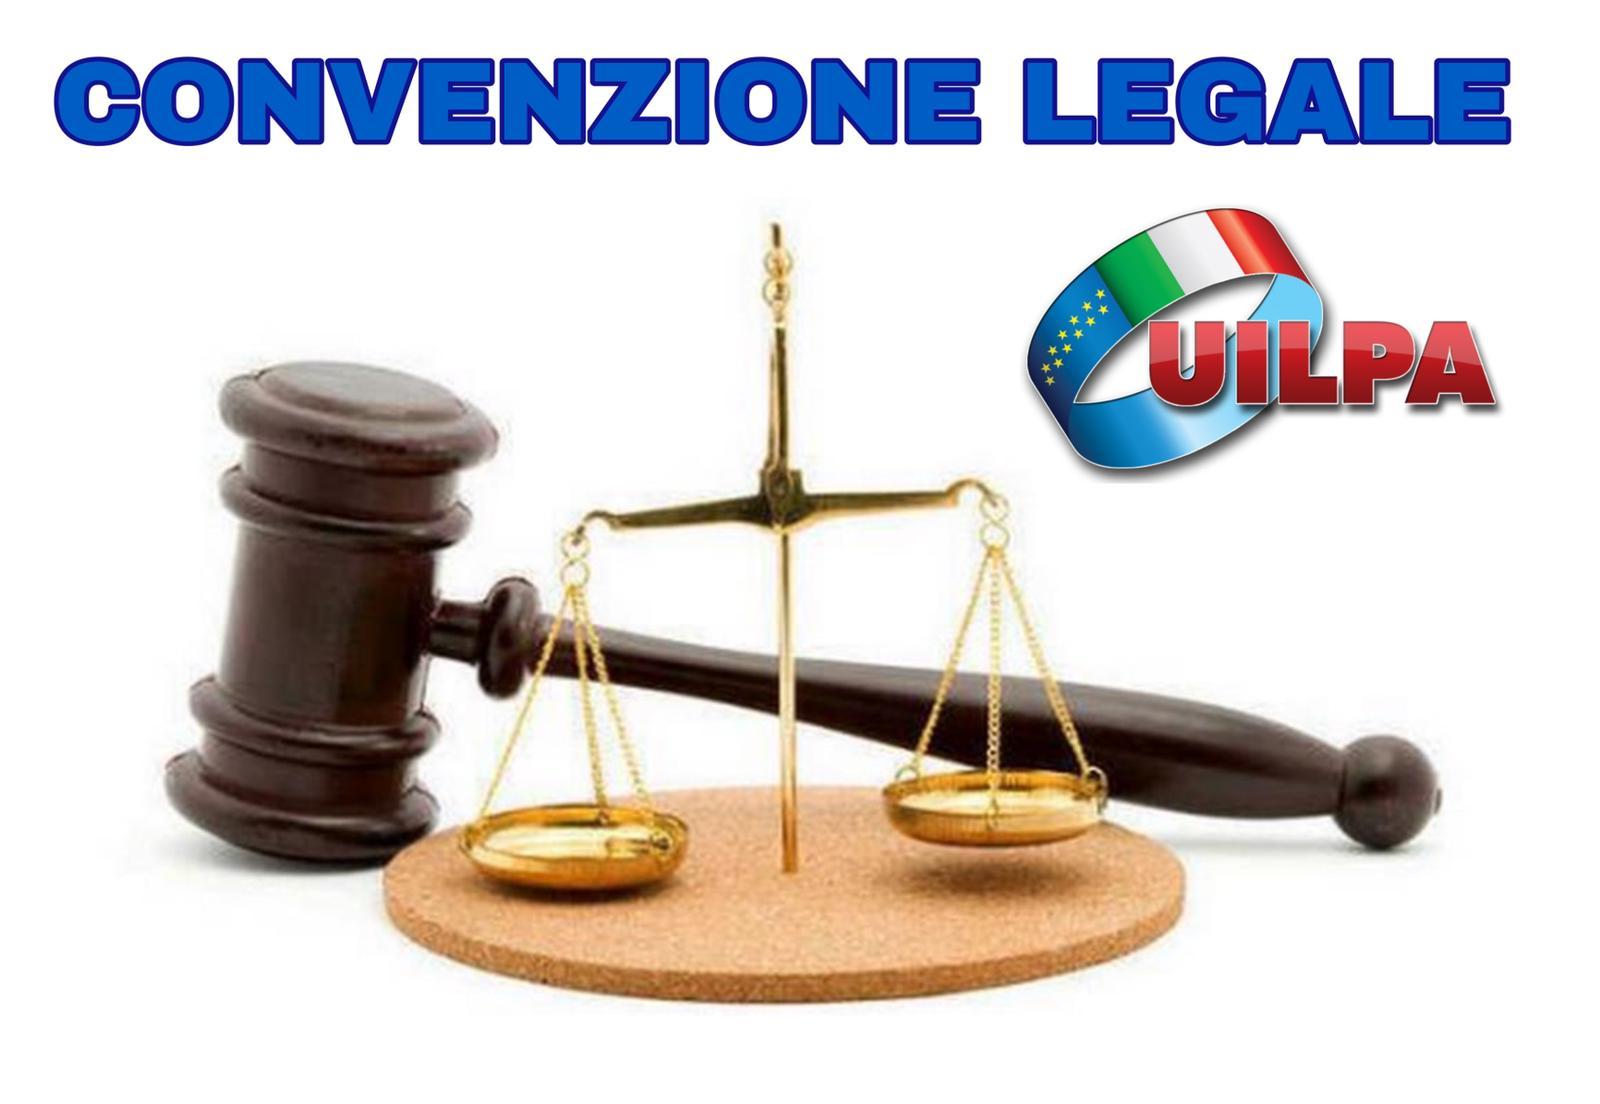 Convenzione legale UILPA